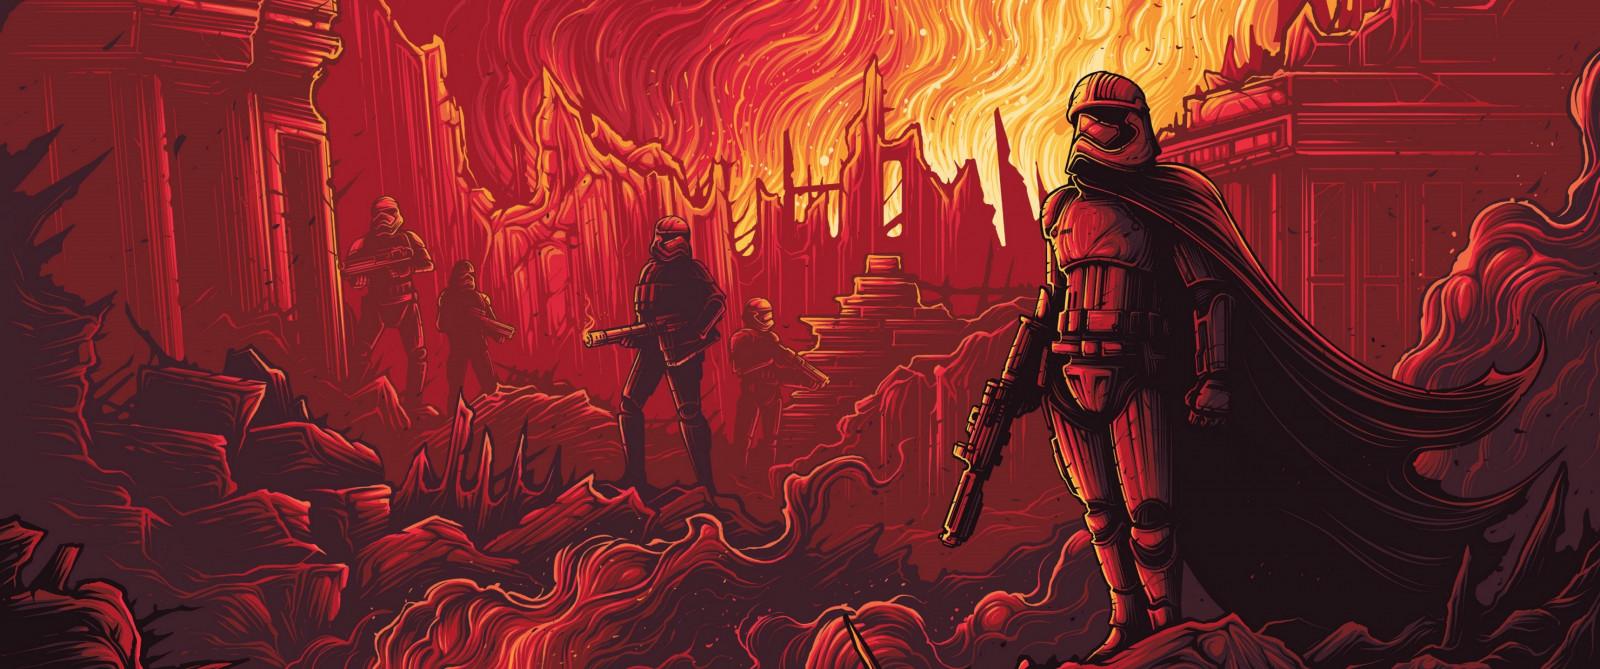 Wallpaper Illustration Star Wars Red Demon